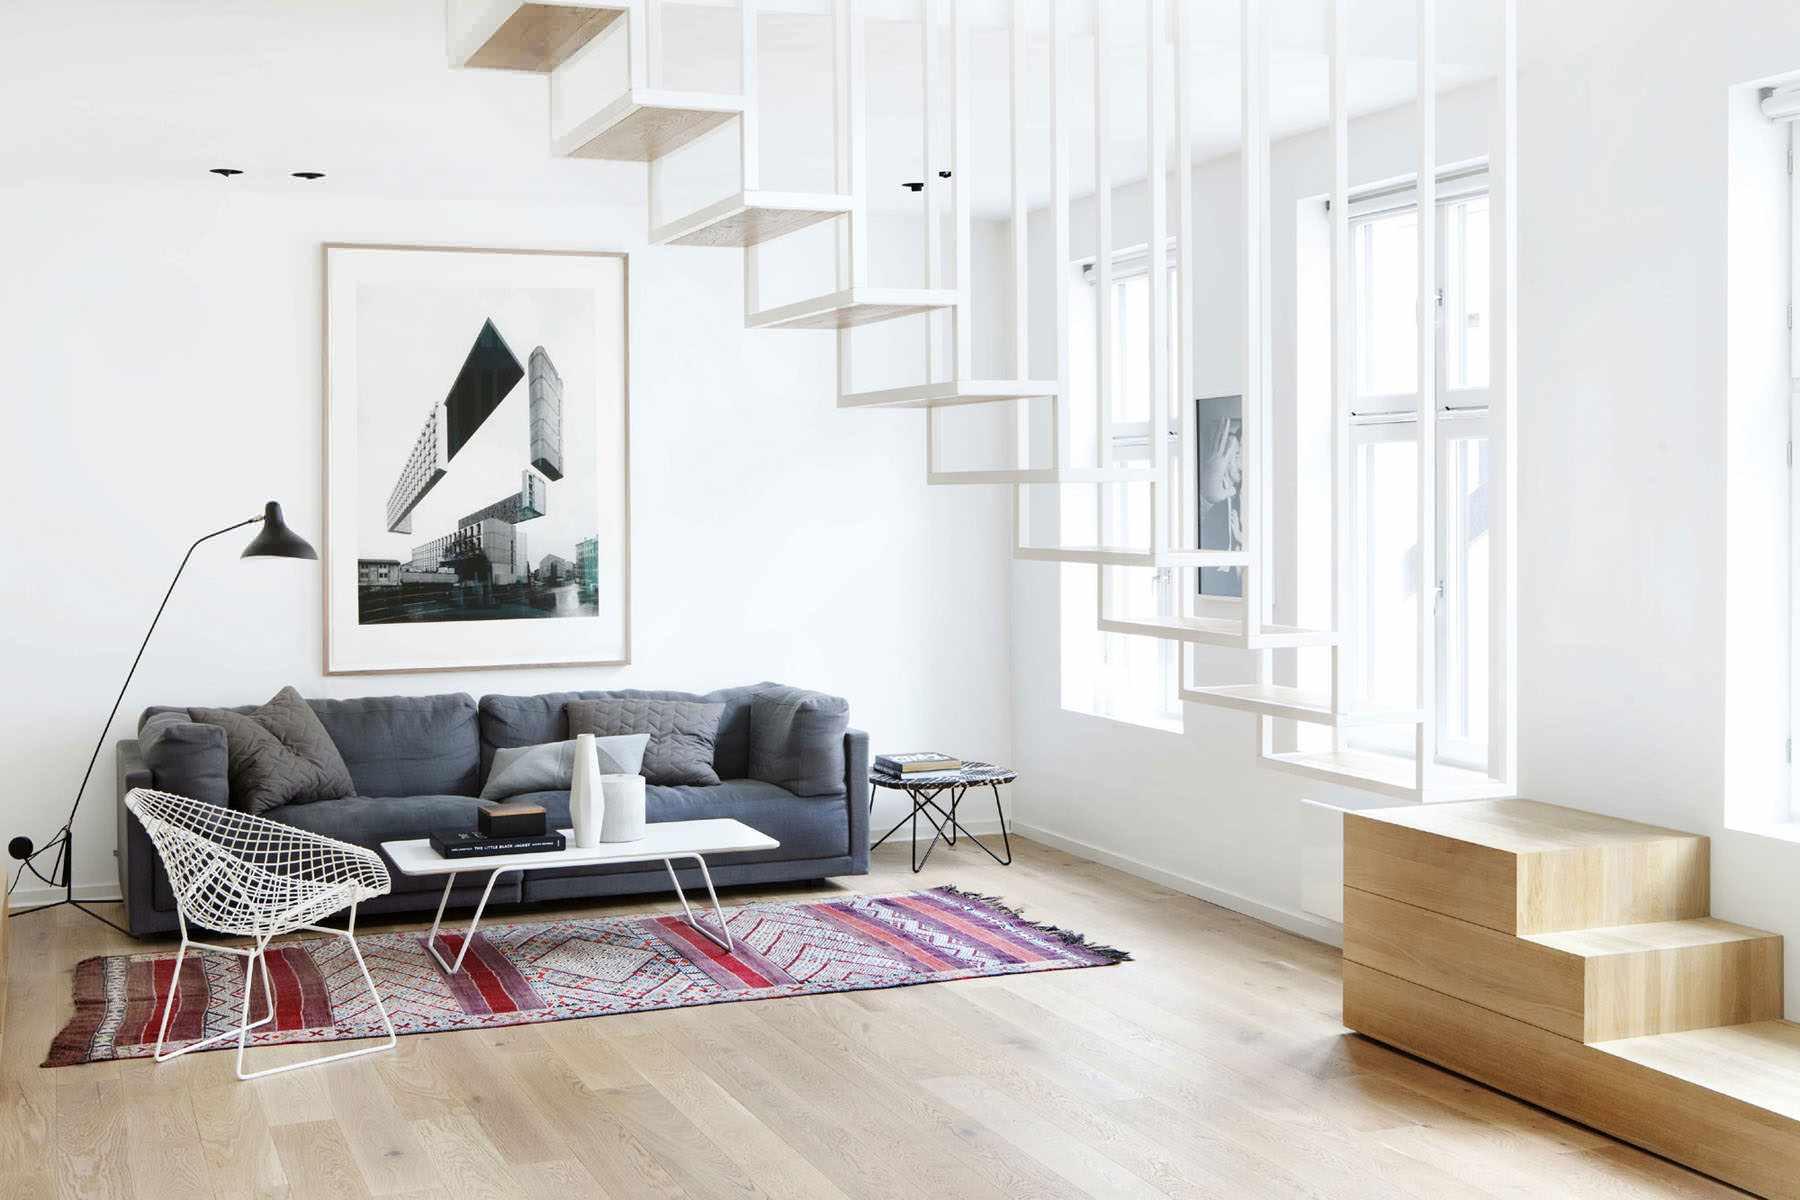 lựa chọn sử dụng nội thất đẹp của phòng khách theo phong cách tối giản